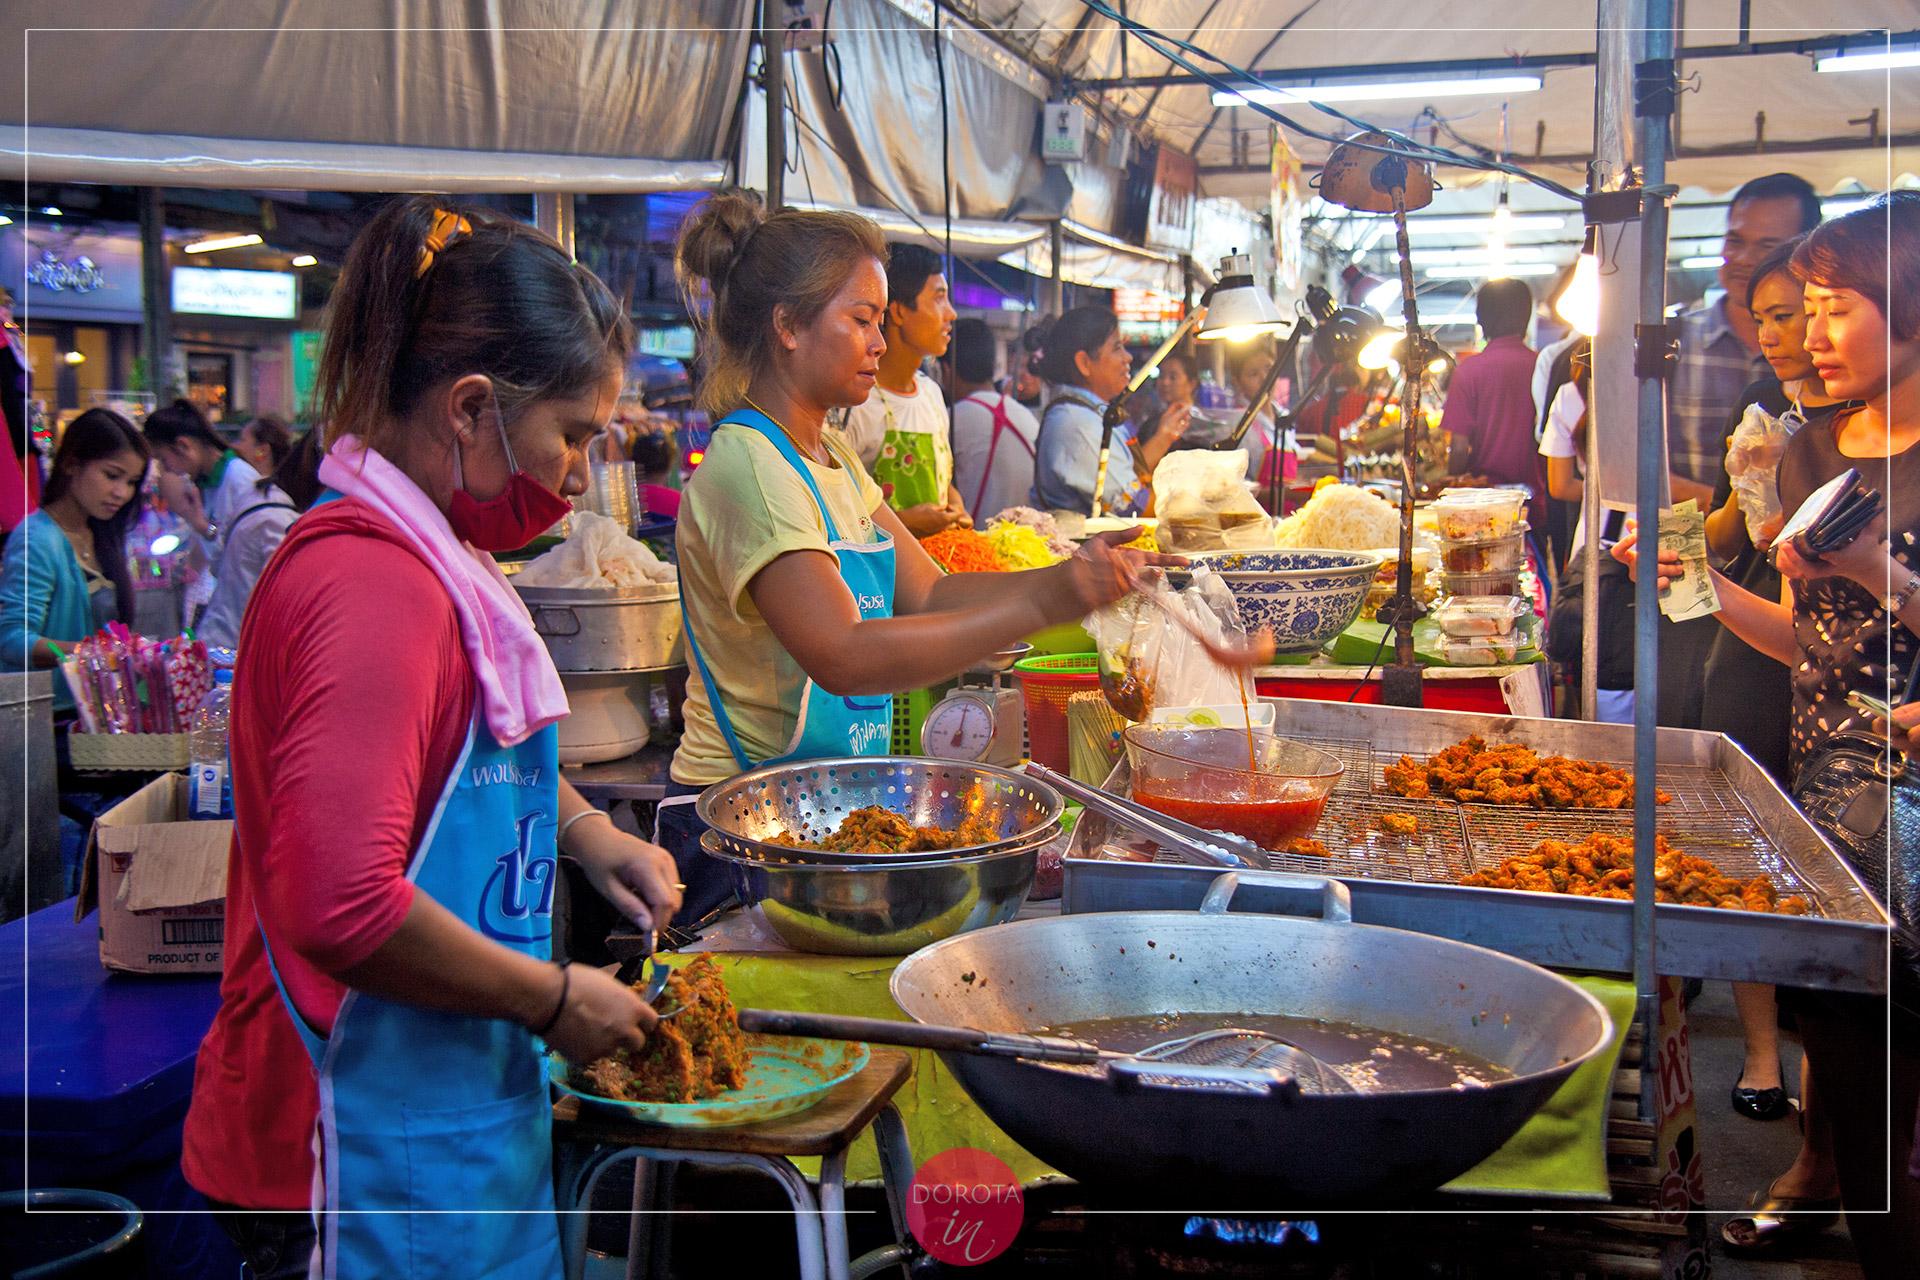 Kuchnia Tajska Smak Potrawy Składniki Co Jeść W Tajlandii Dorota Kamińska